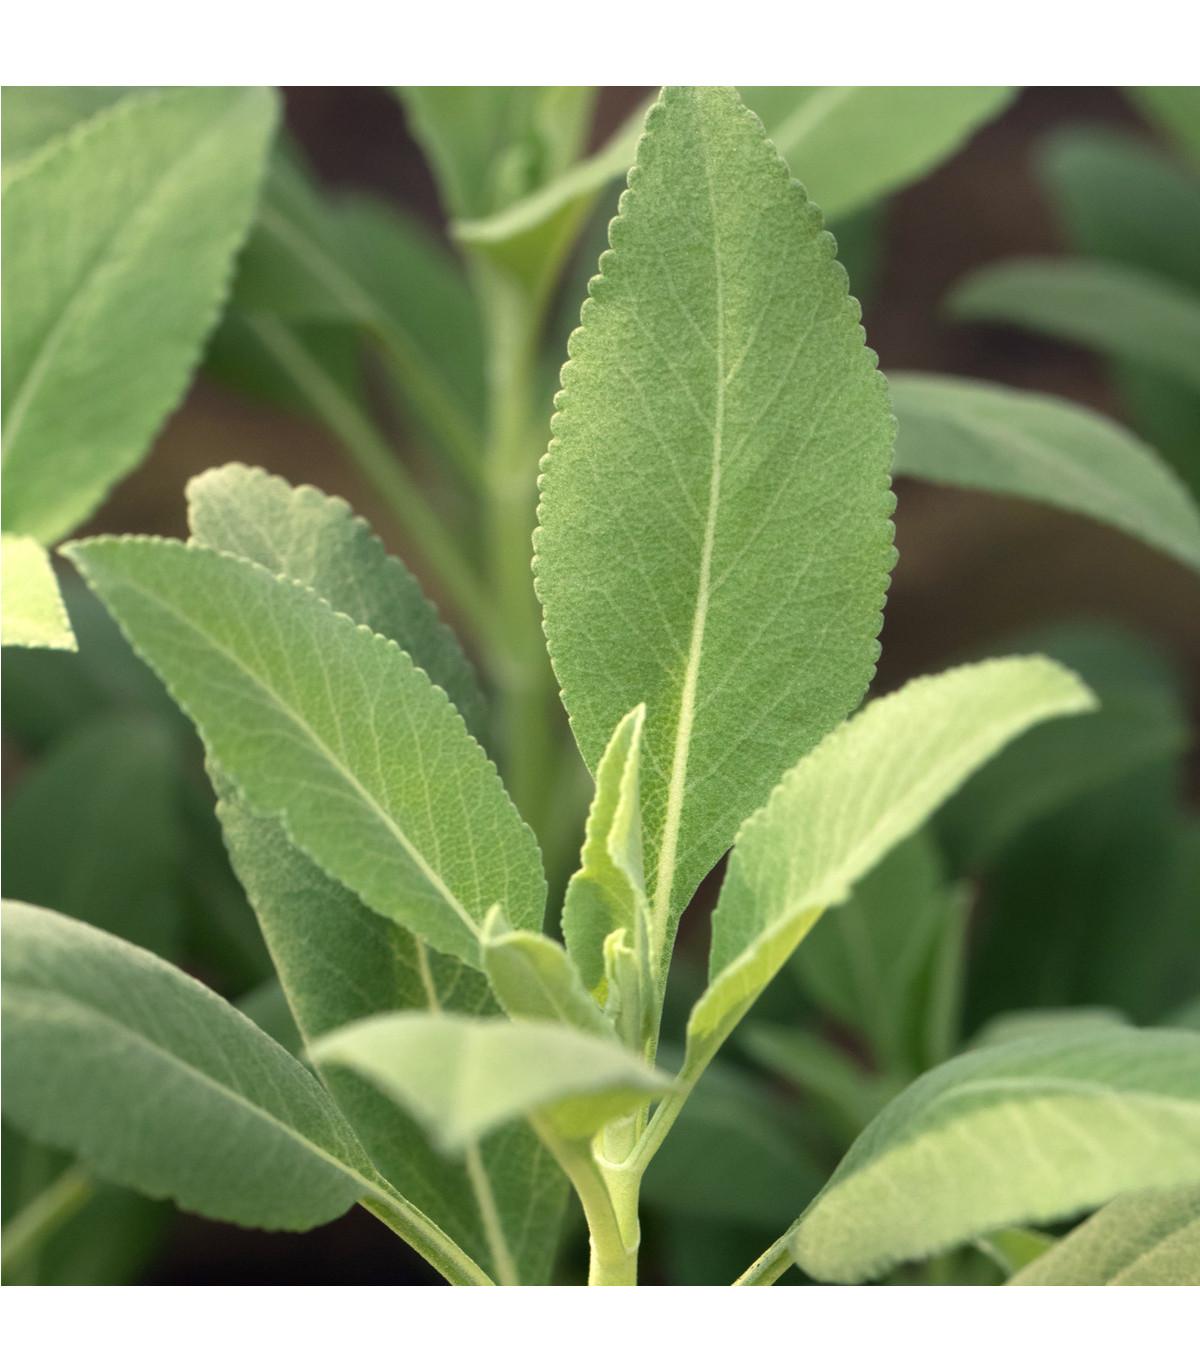 Šalvěj bílá - Salvia apiana - semena šalvěje - 10 ks